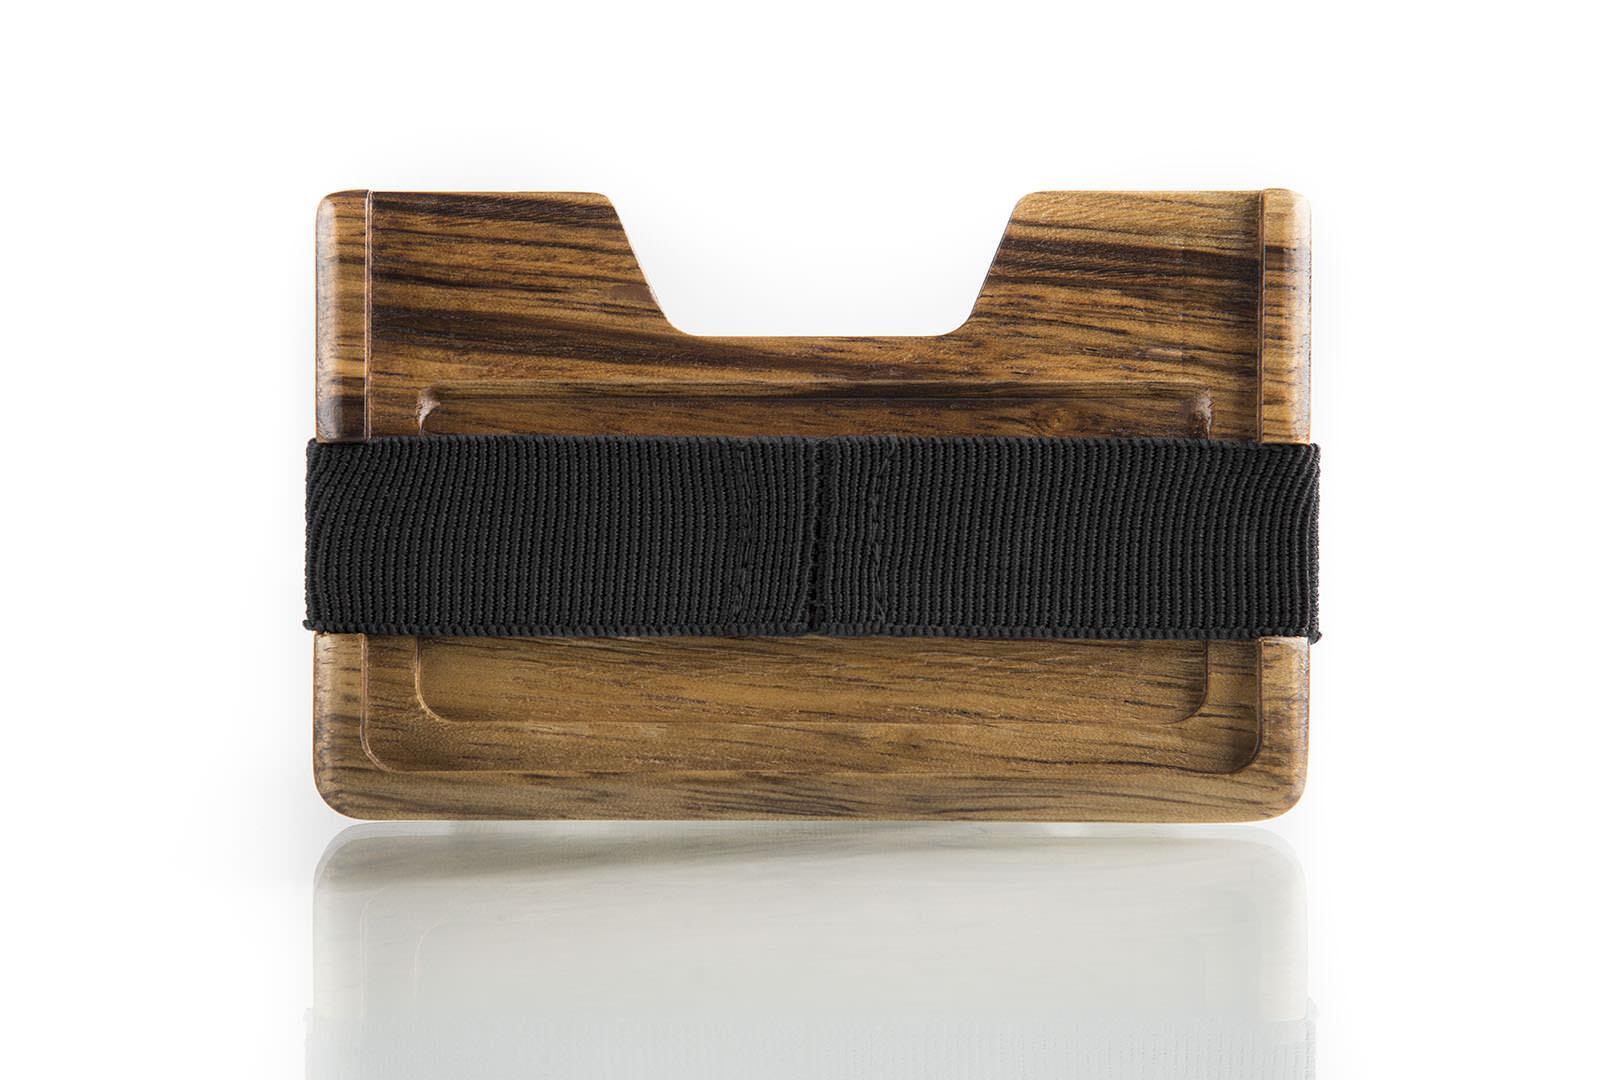 lumberjack_wallet_07